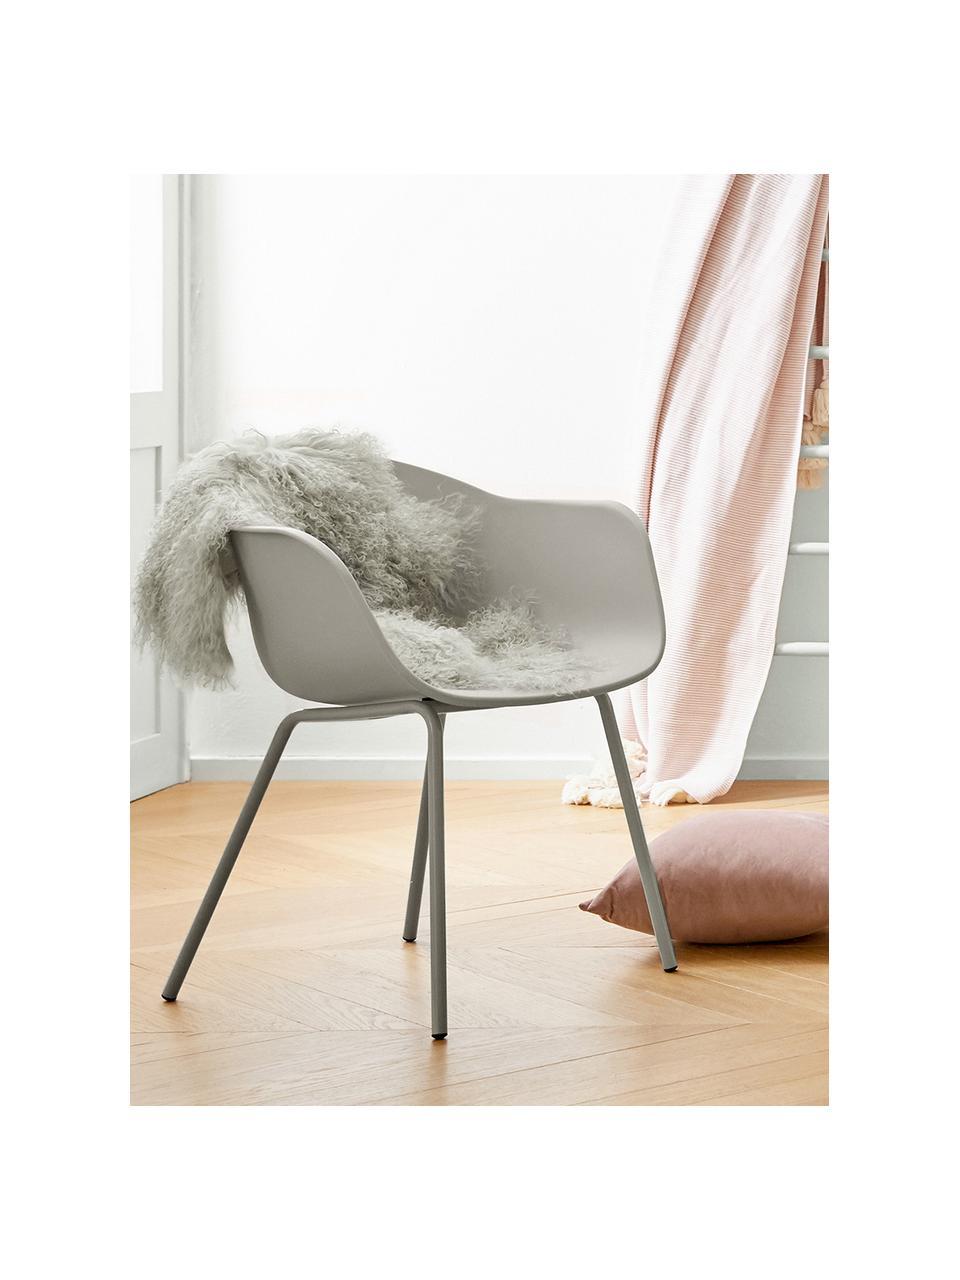 Sedia con braccioli in plastica con gambe in metallo Claire, Seduta: materiale sintetico, Gambe: metallo verniciato a polv, Grigio beige, Larg. 60 x Alt. 54 cm